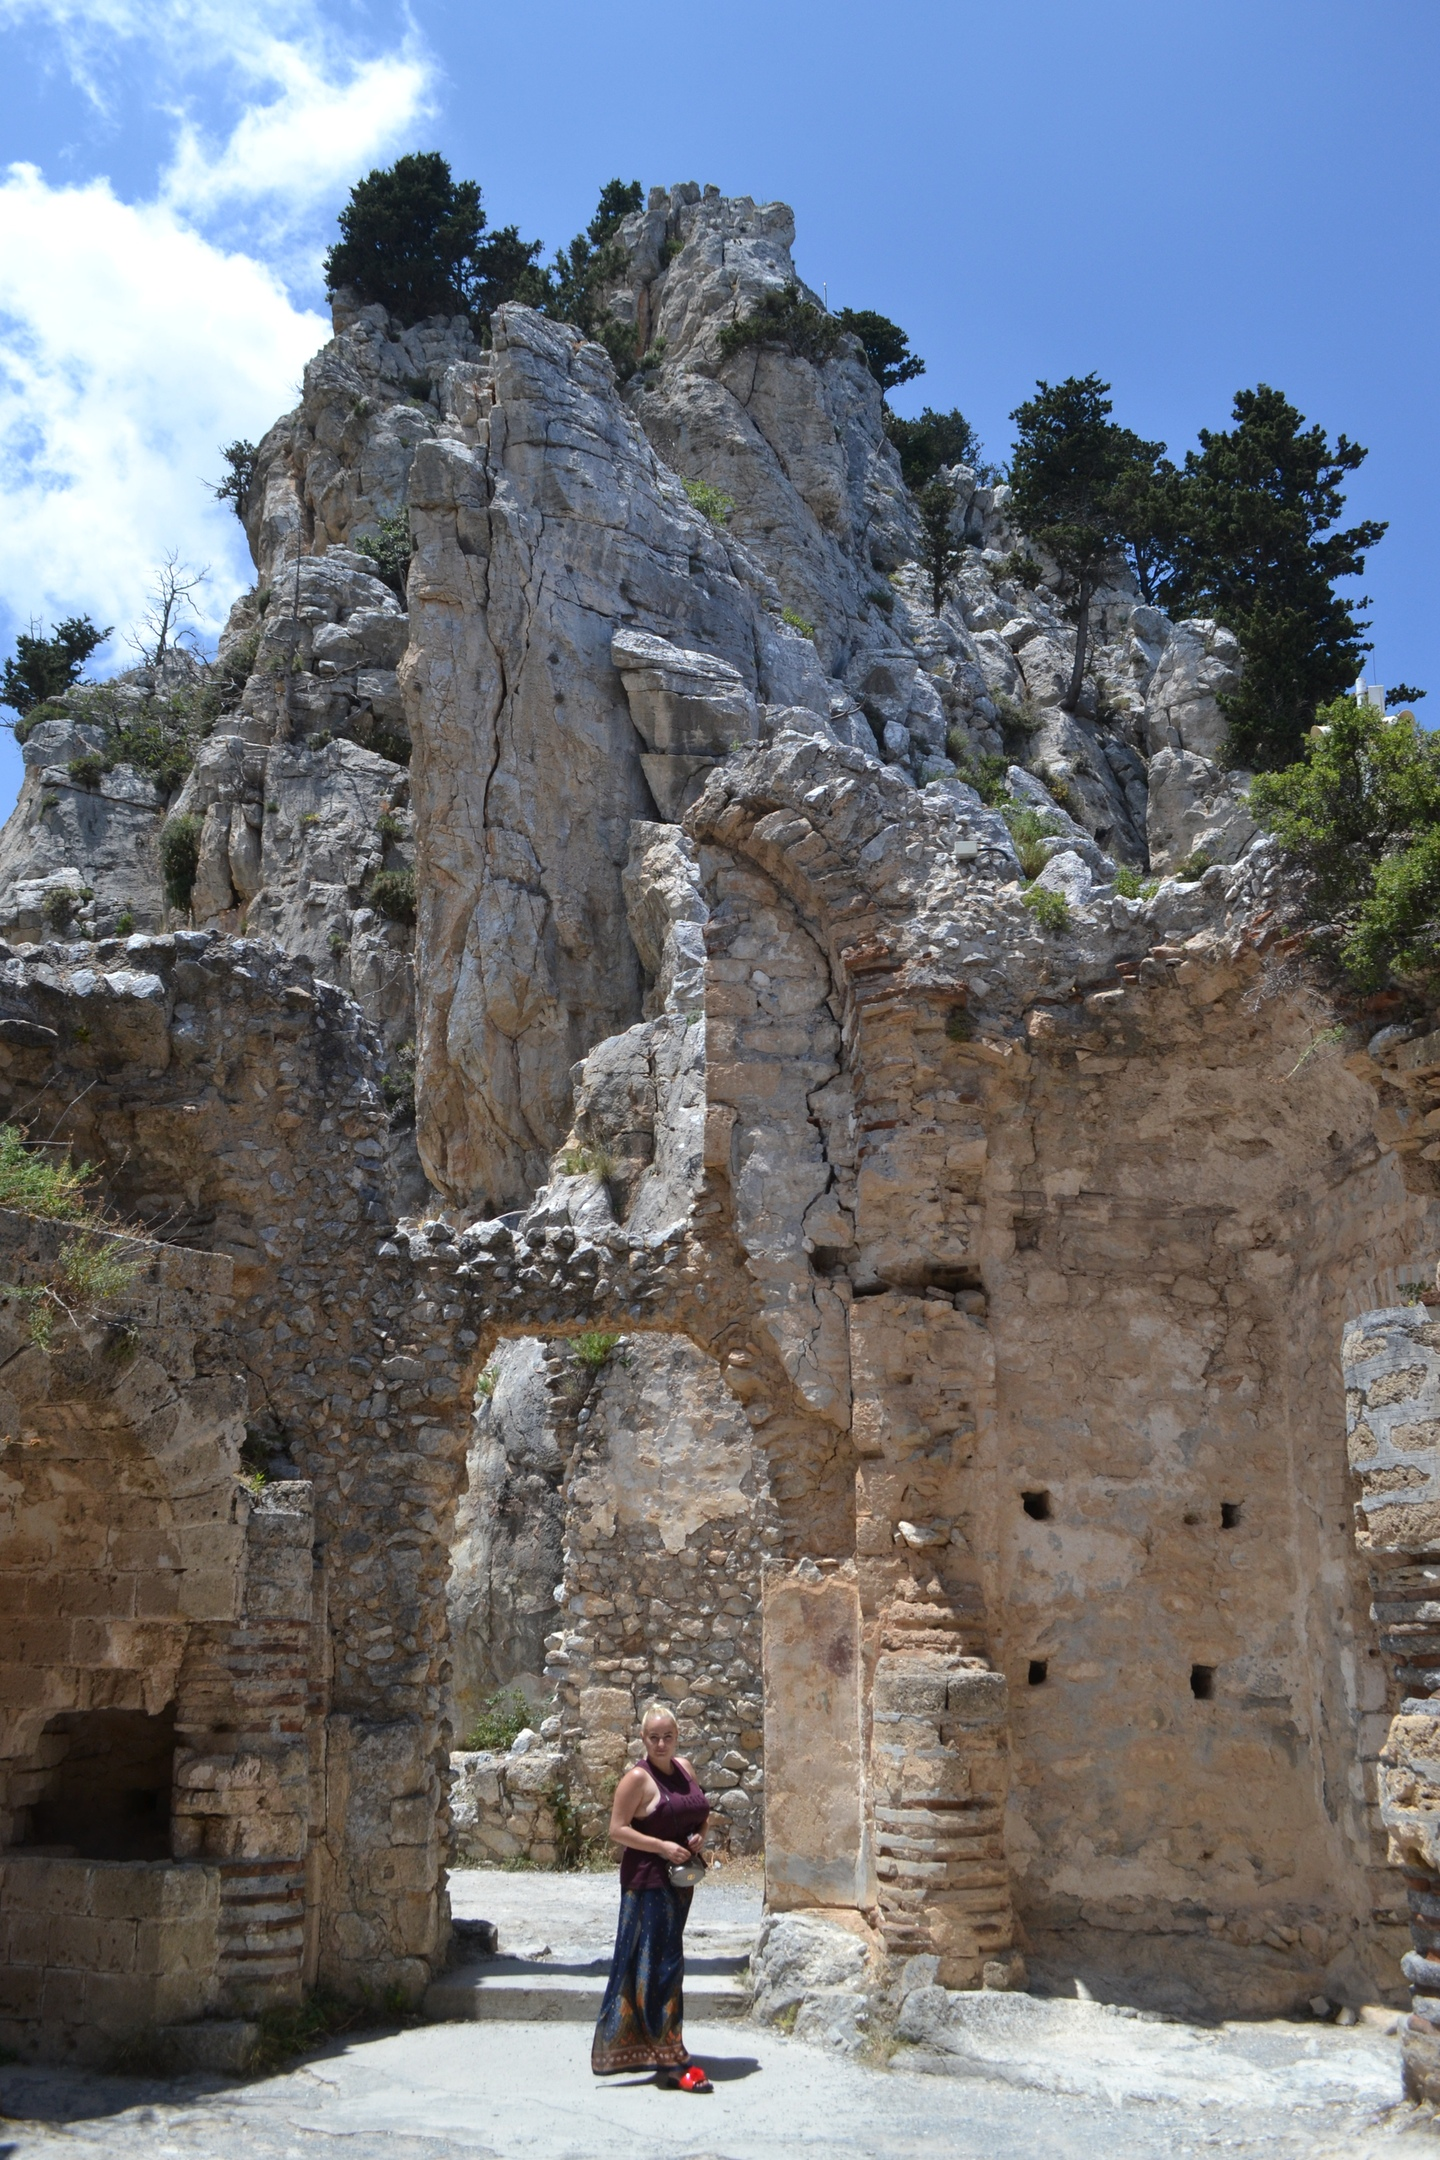 Северный Кипр. Замок Святого Иллариона. (фото). - Страница 2 7VTFbXYiyEk